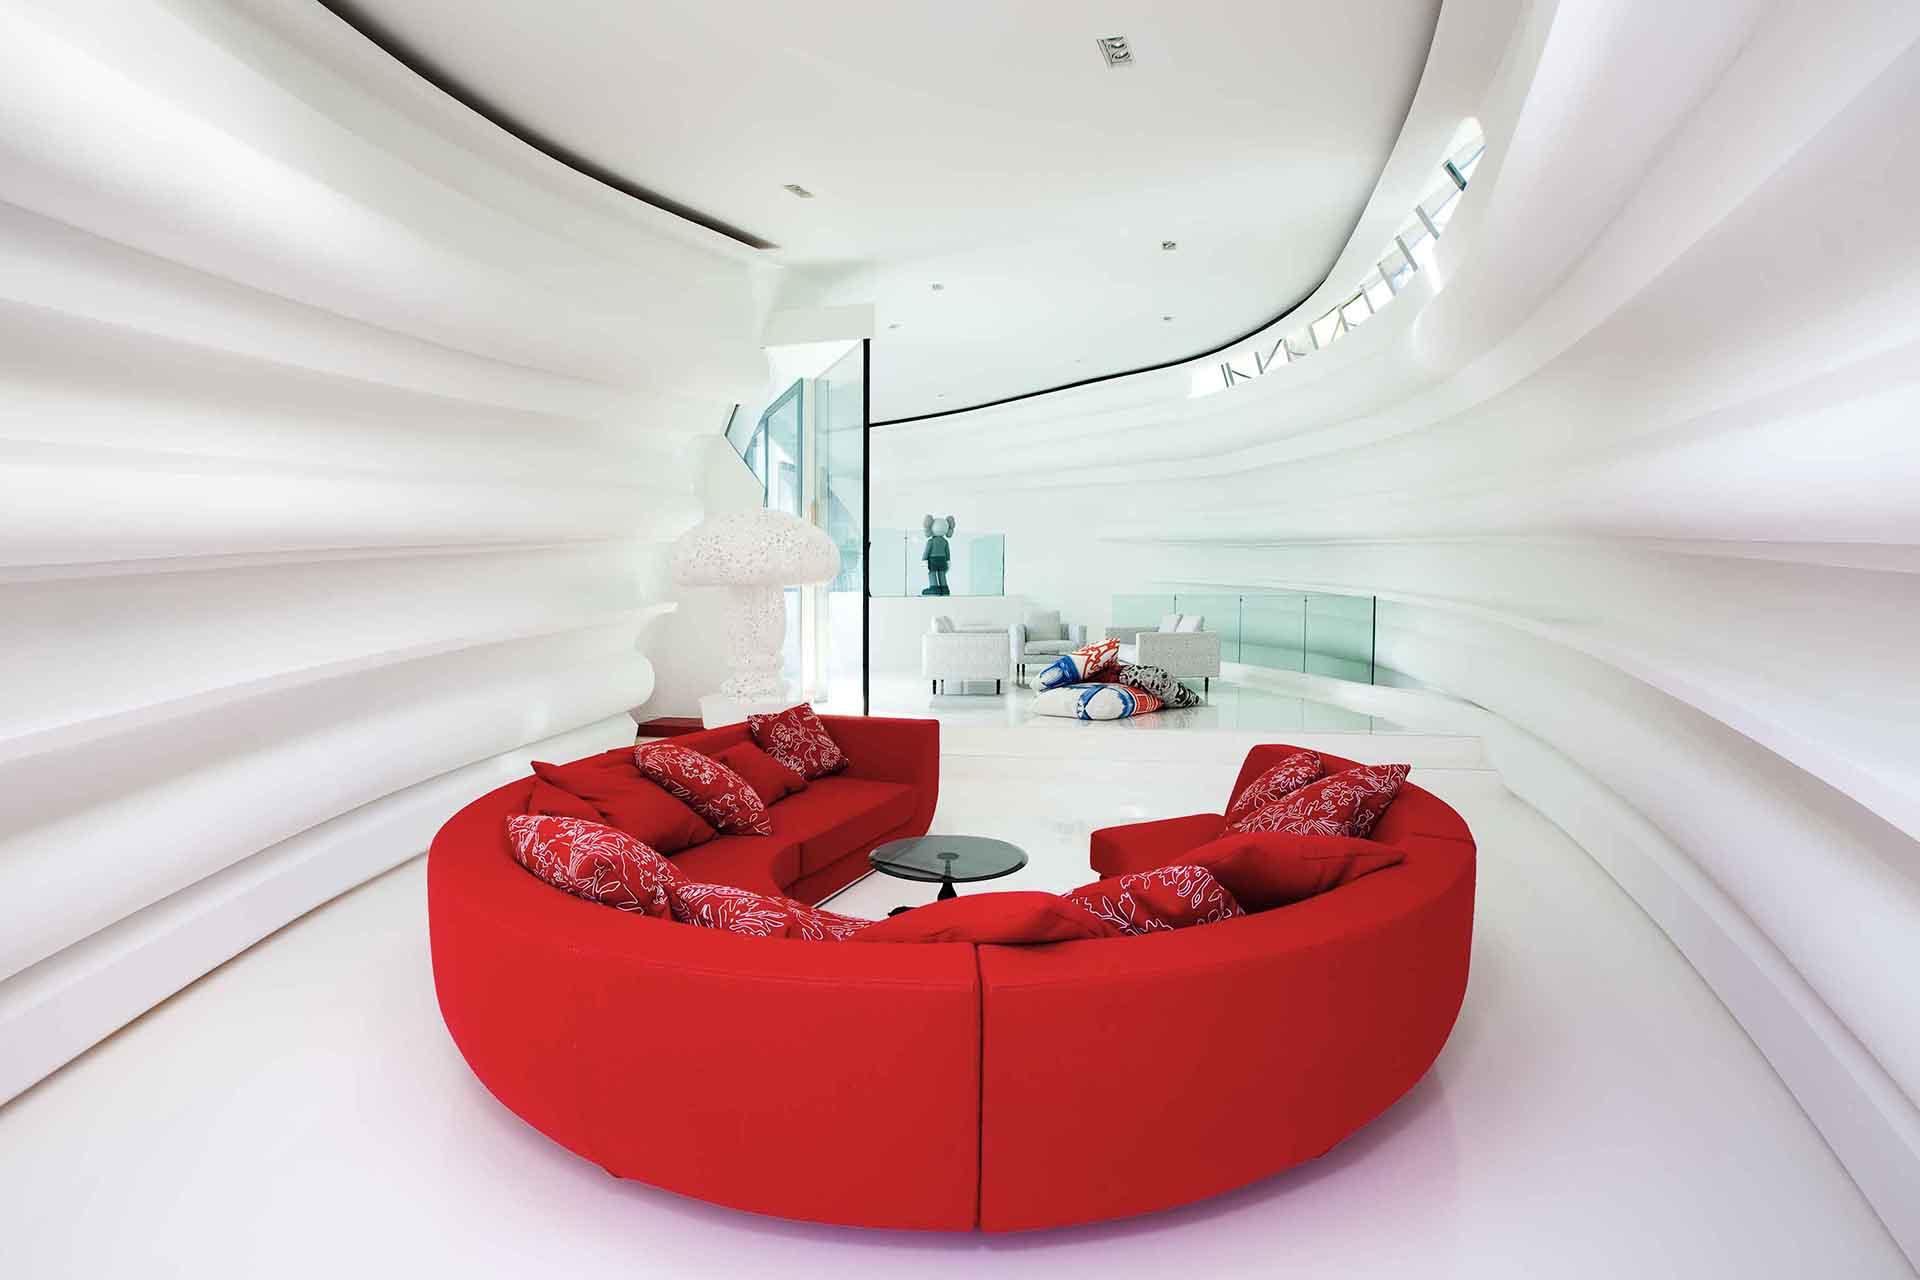 3 9 - Espectacular casa llena de originalidad y diseño en Son Vida, Palma de Mallorca